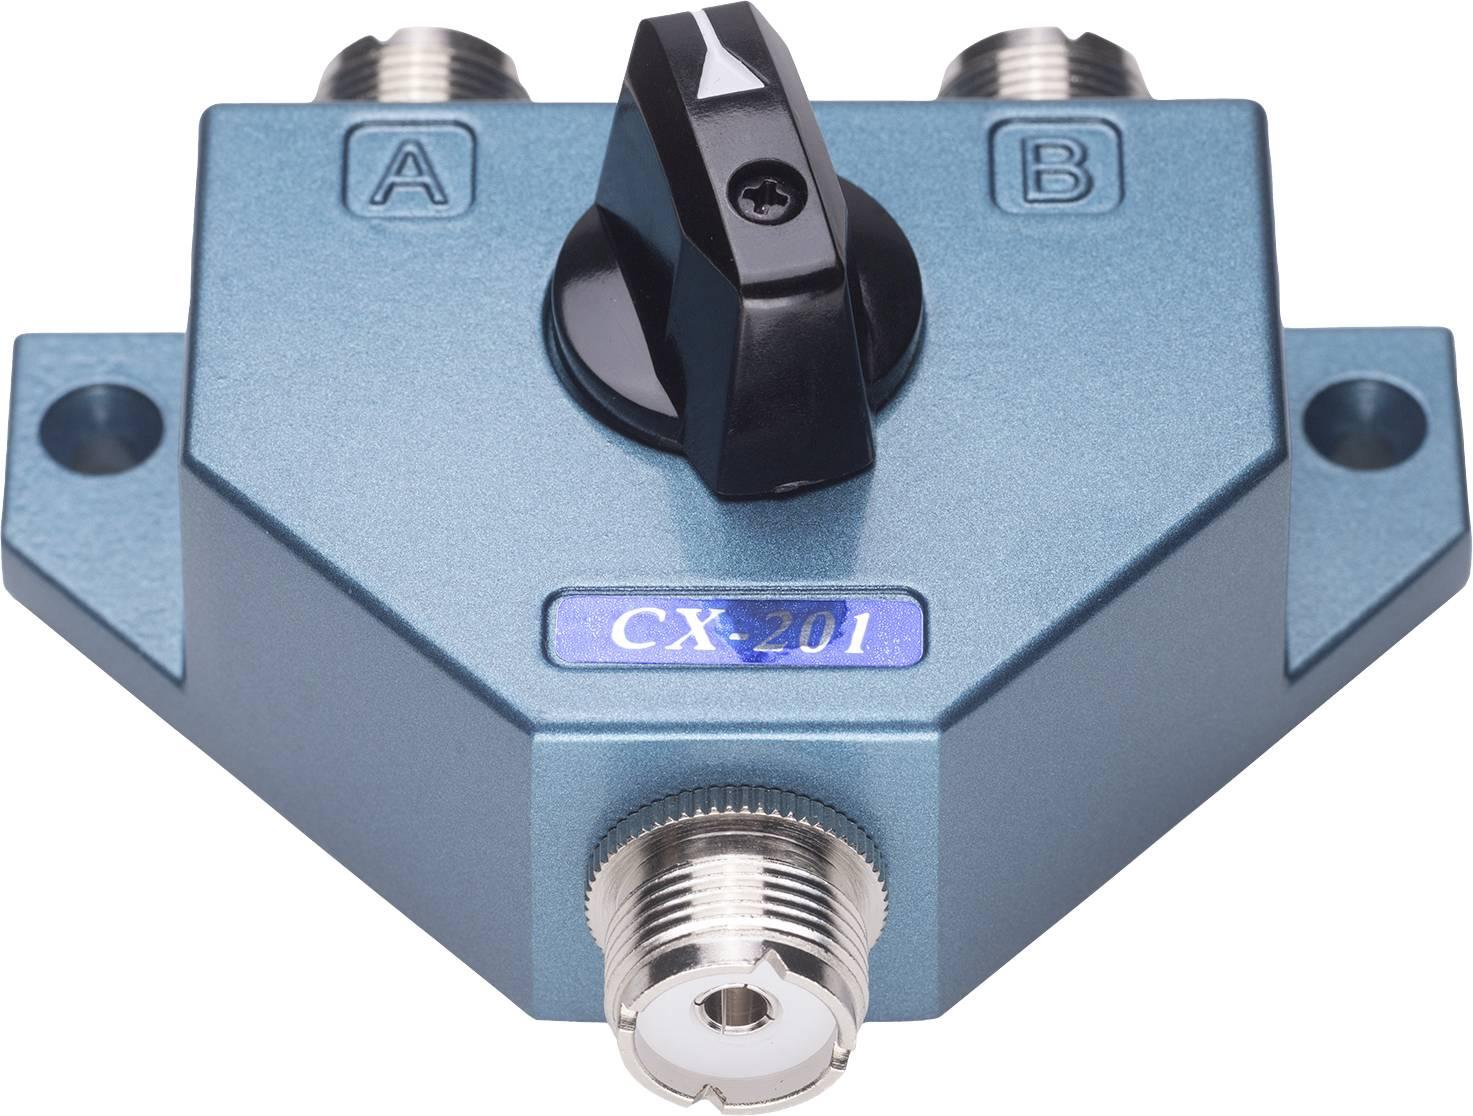 Anténní převodník Albrecht CX 201 7401